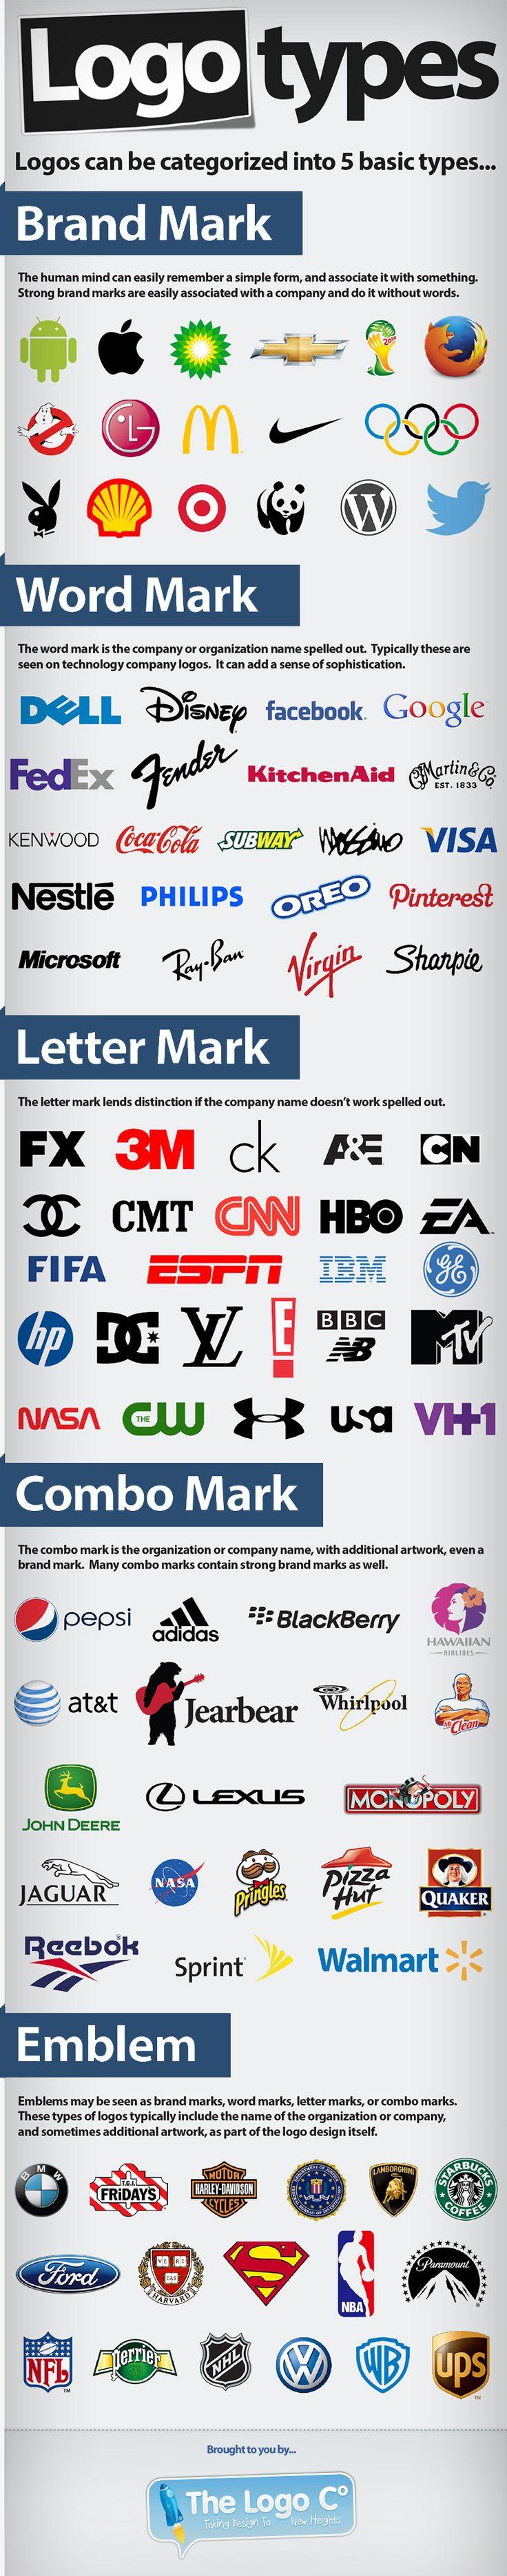 [INFOGRAPHIC] Hay 5 tipos de logos, ¿a cuál pertenece el logotipo de su marca? (Logos can be categorized into 5 basic…